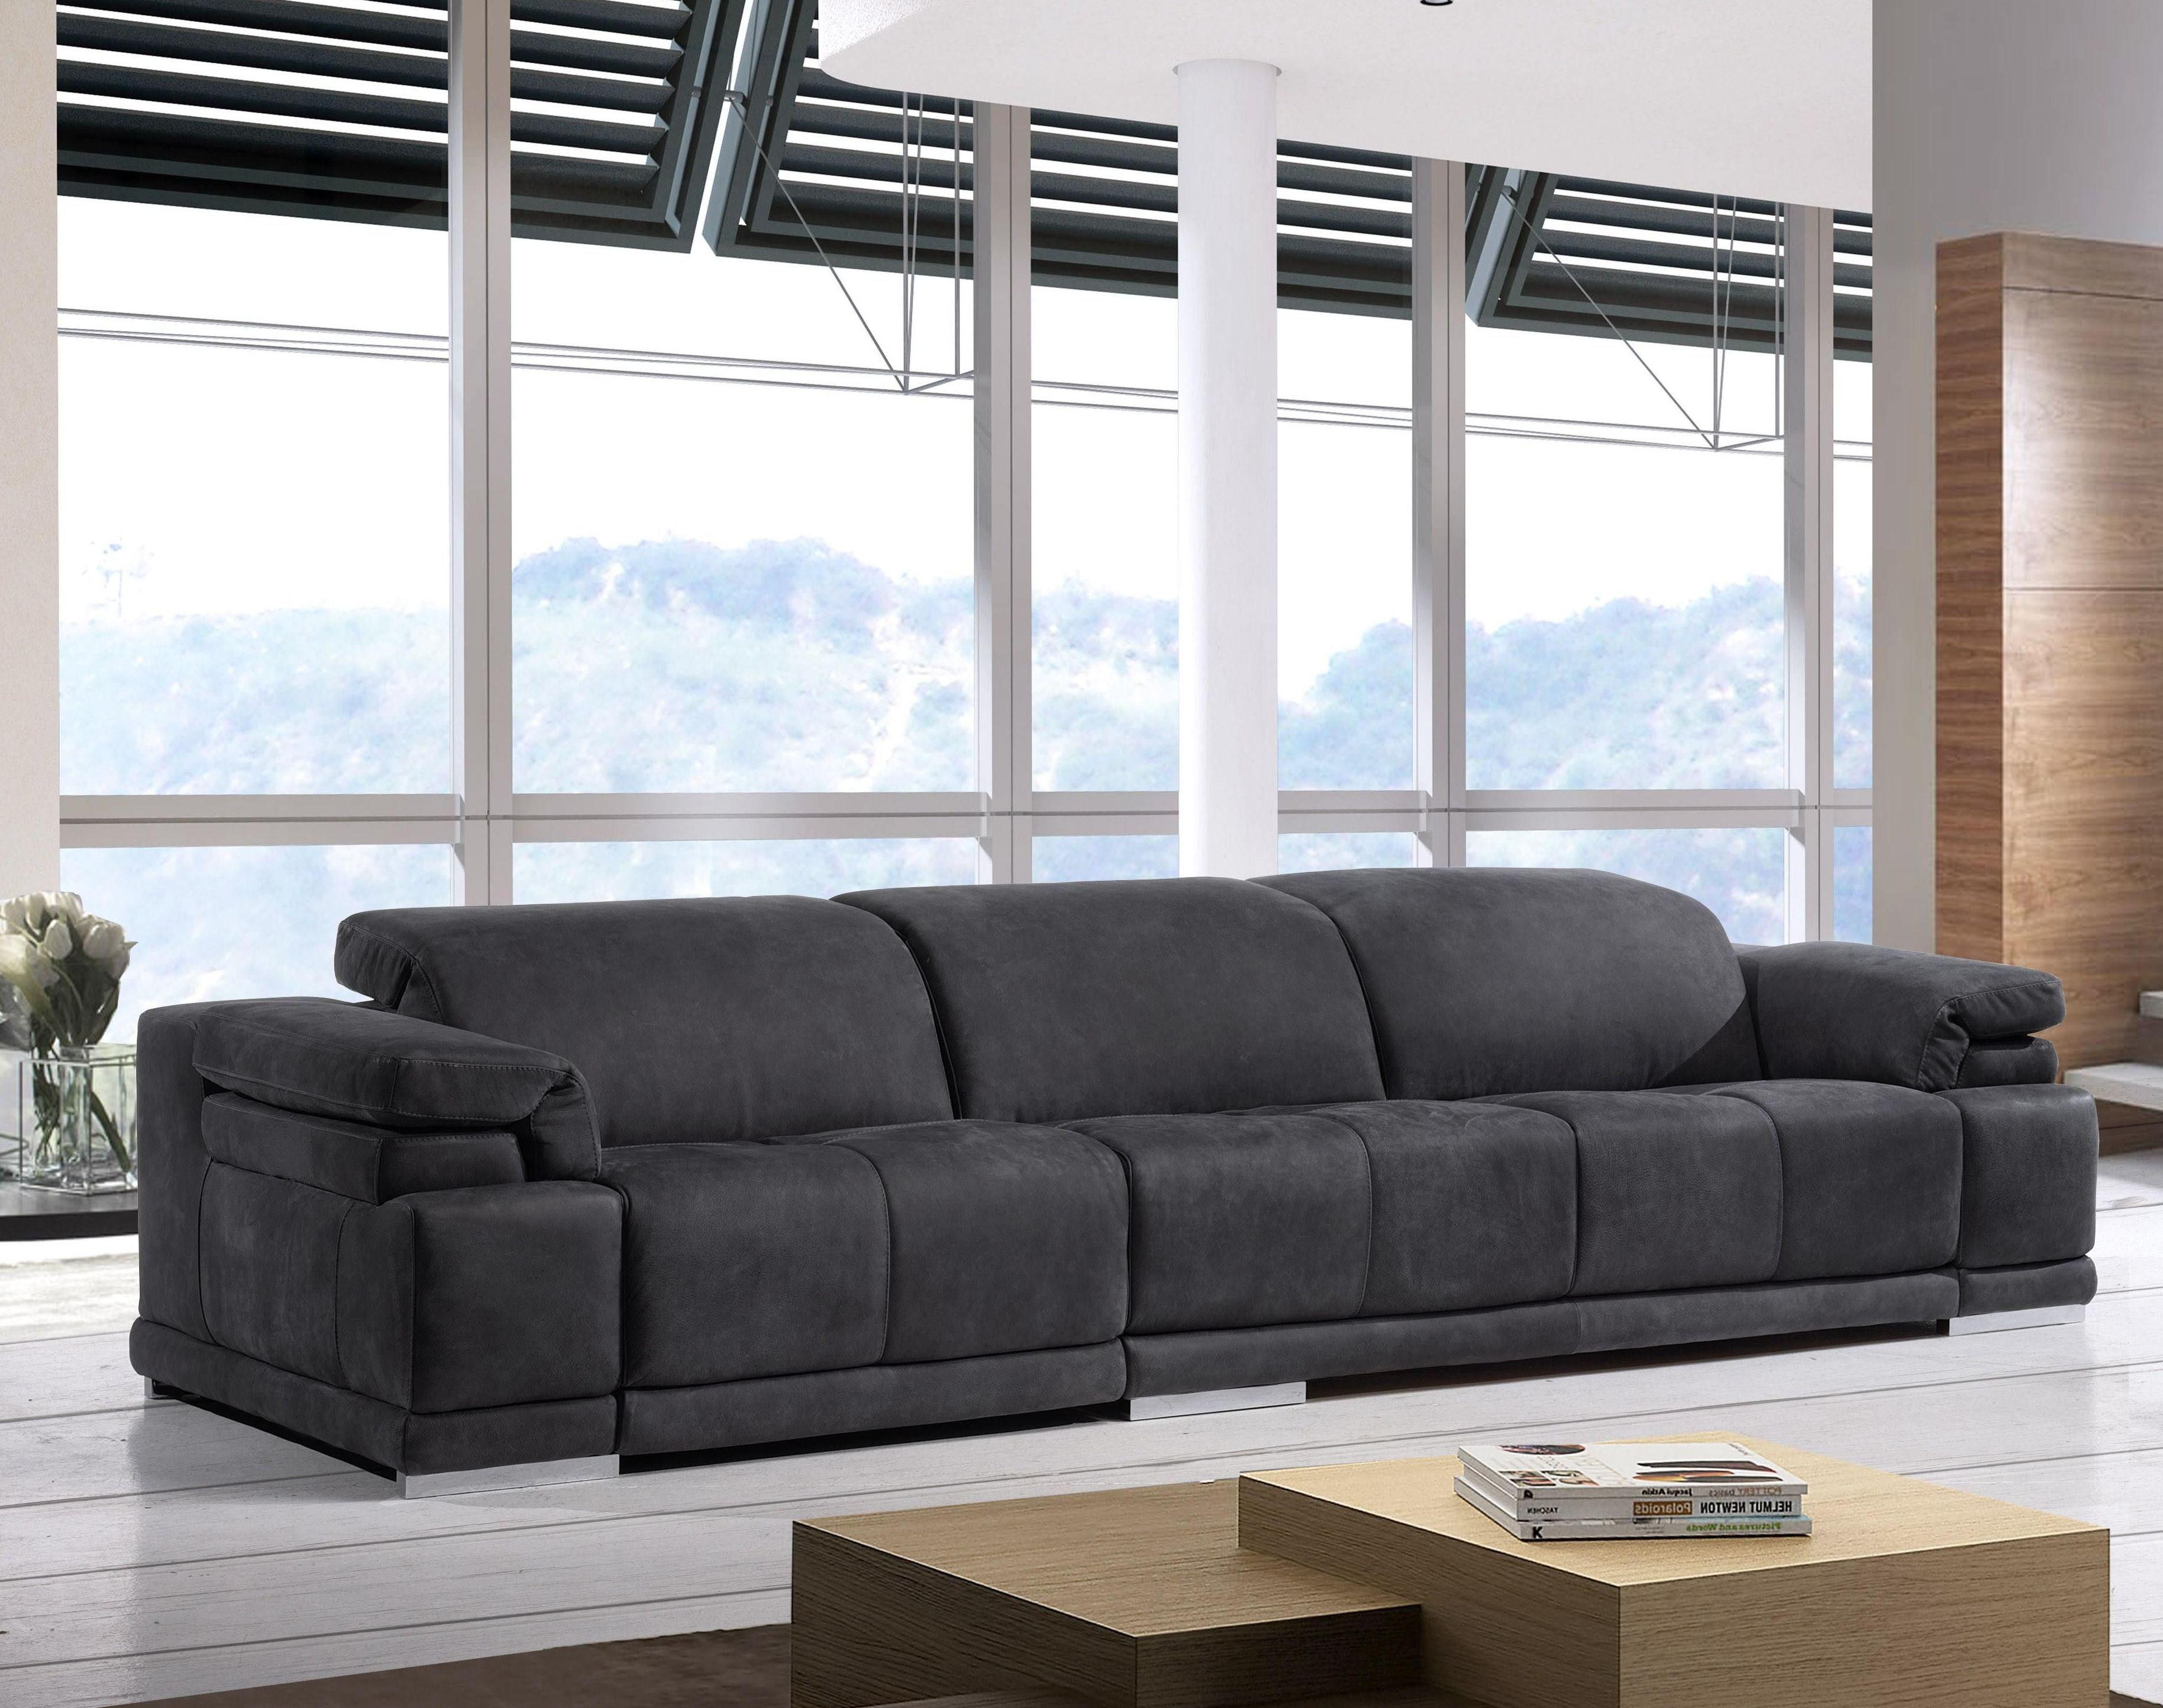 Europolis las rozas sofas interesting sofa arianne love fama sofa arianne love fama with - Sofas en europolis ...